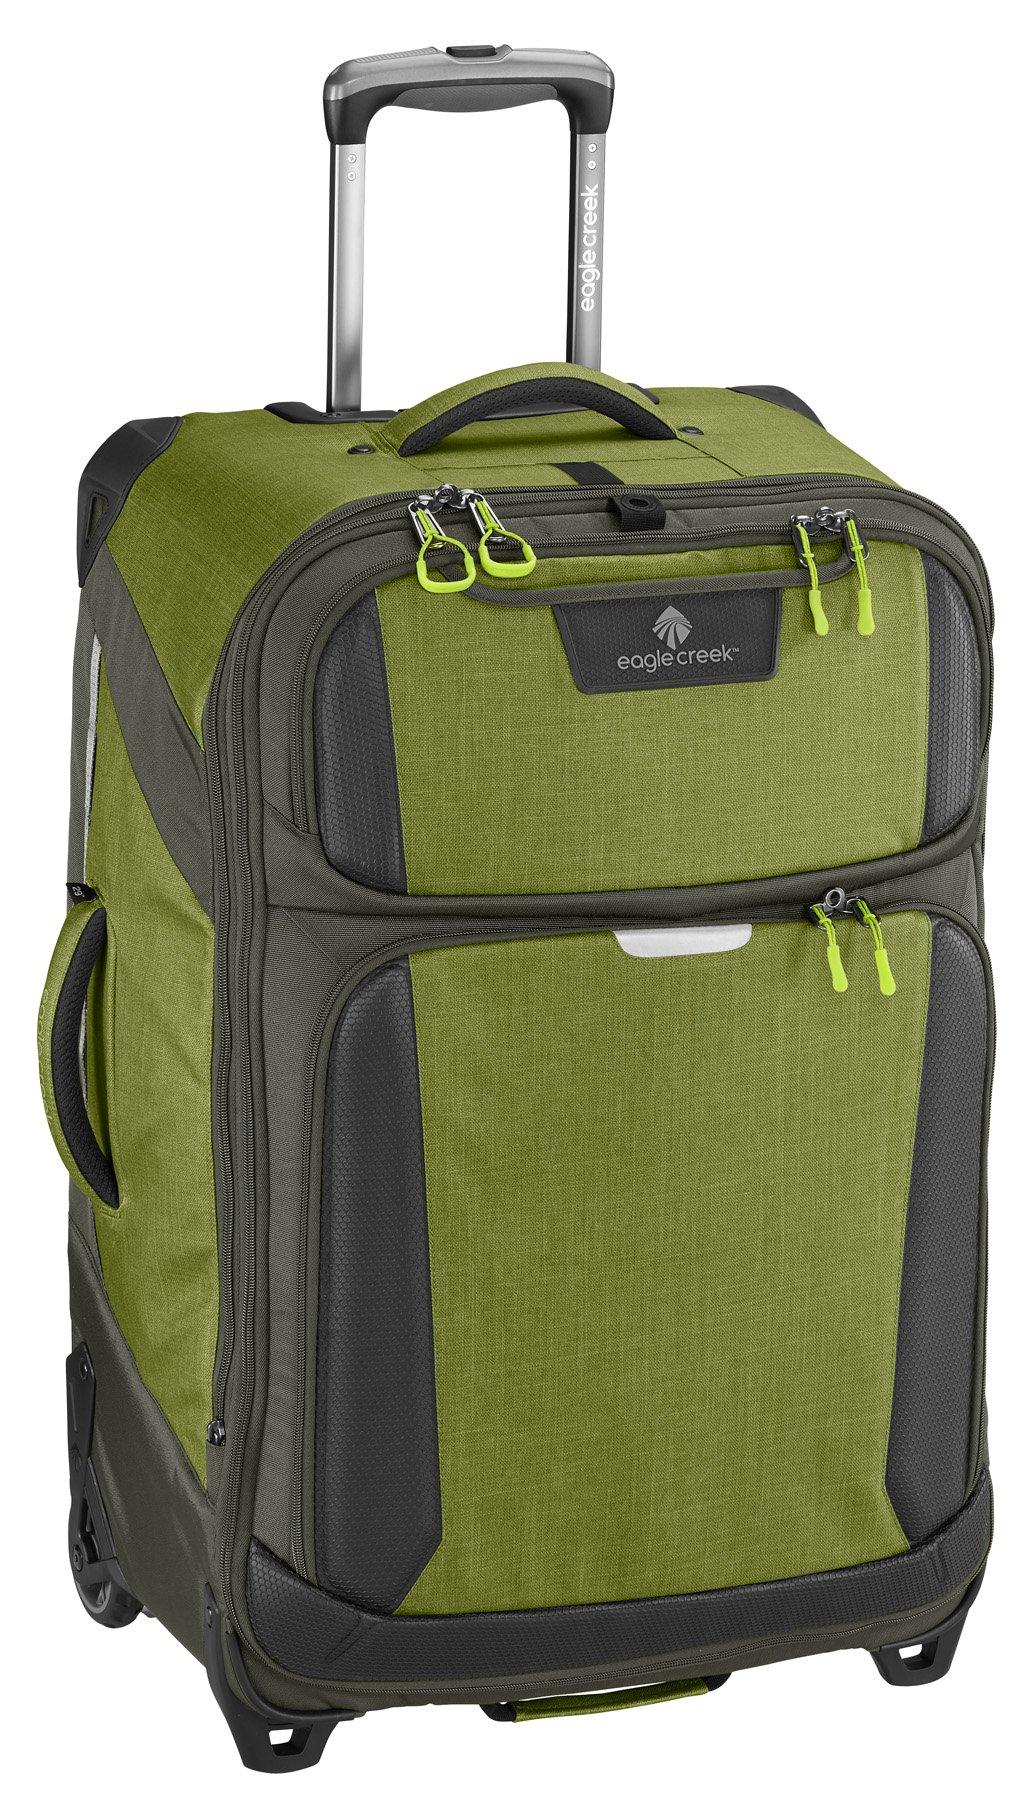 Eagle Creek Tarmac 29 Inch Luggage, Highland Green by Eagle Creek